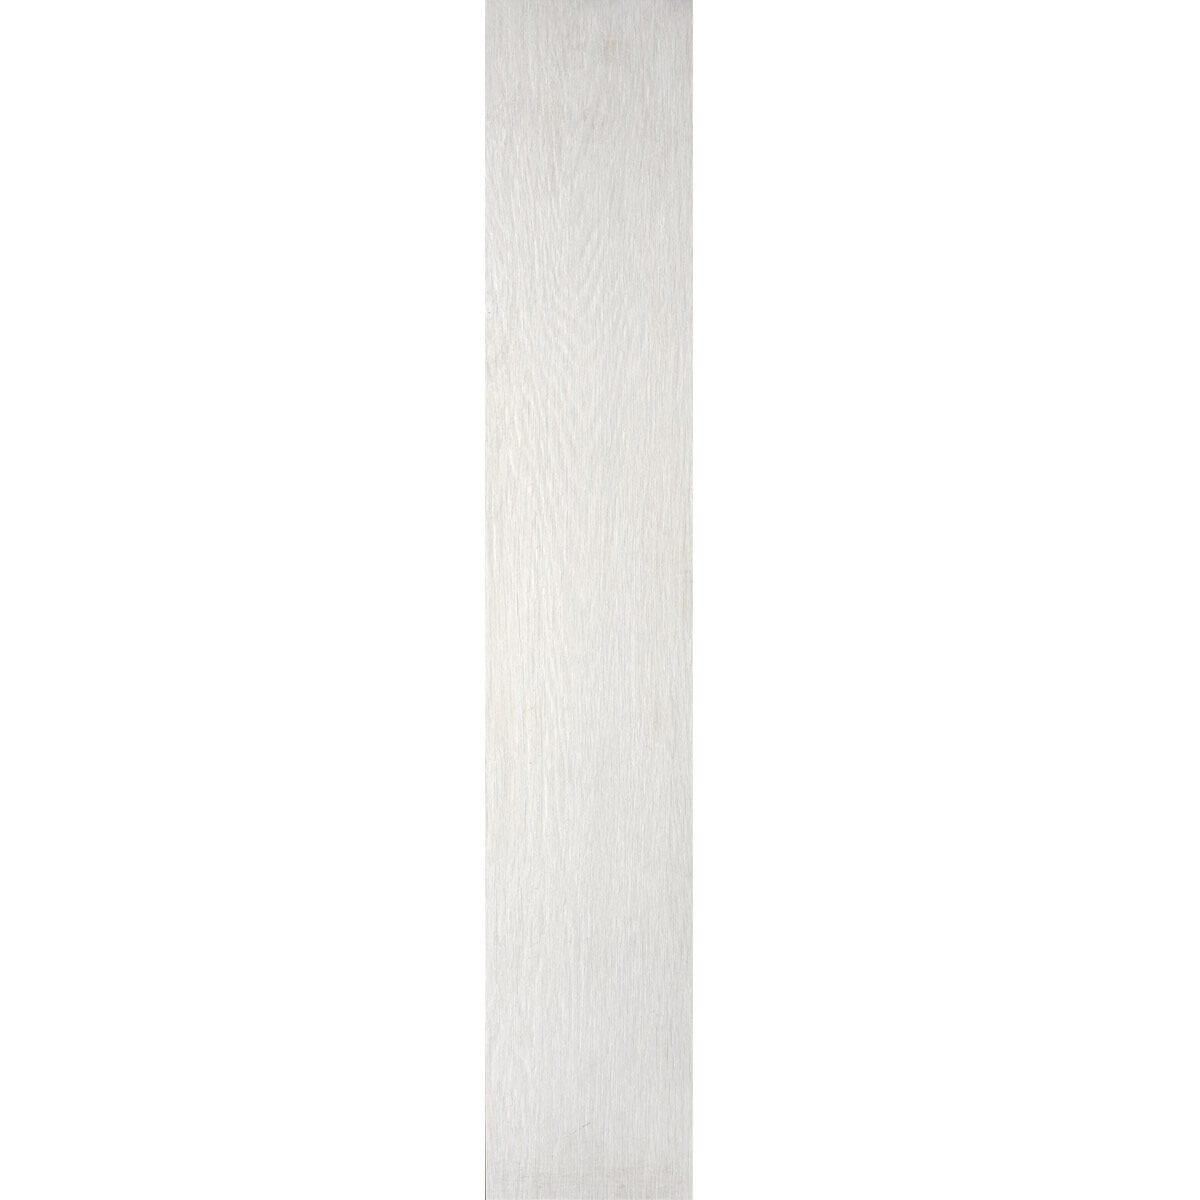 BEACHWOOD WHITE TEX 6X36 T10060